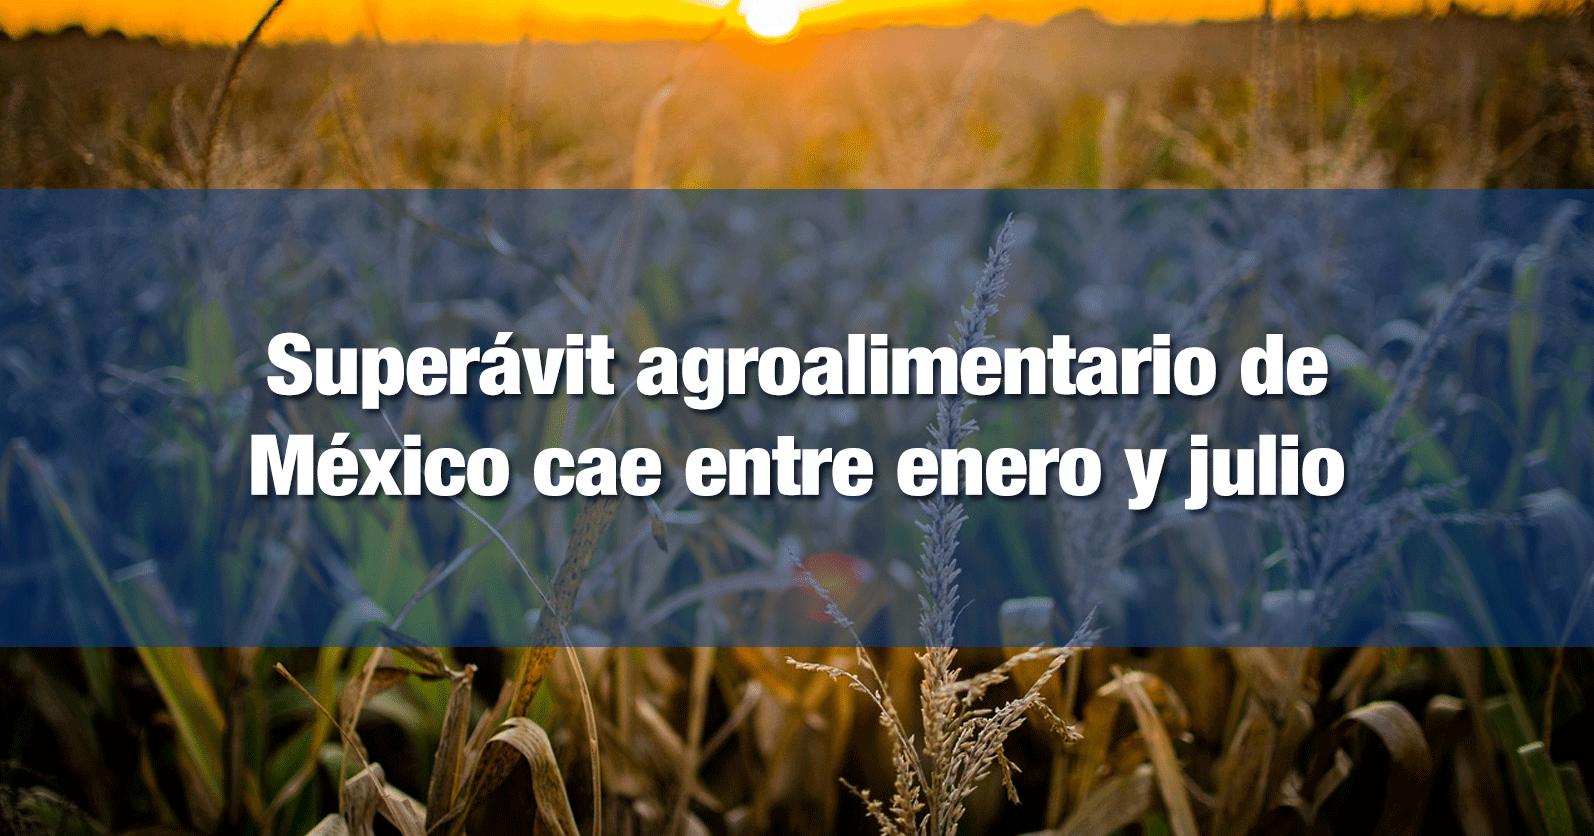 Superávit agroalimentario de México cae entre enero y julio